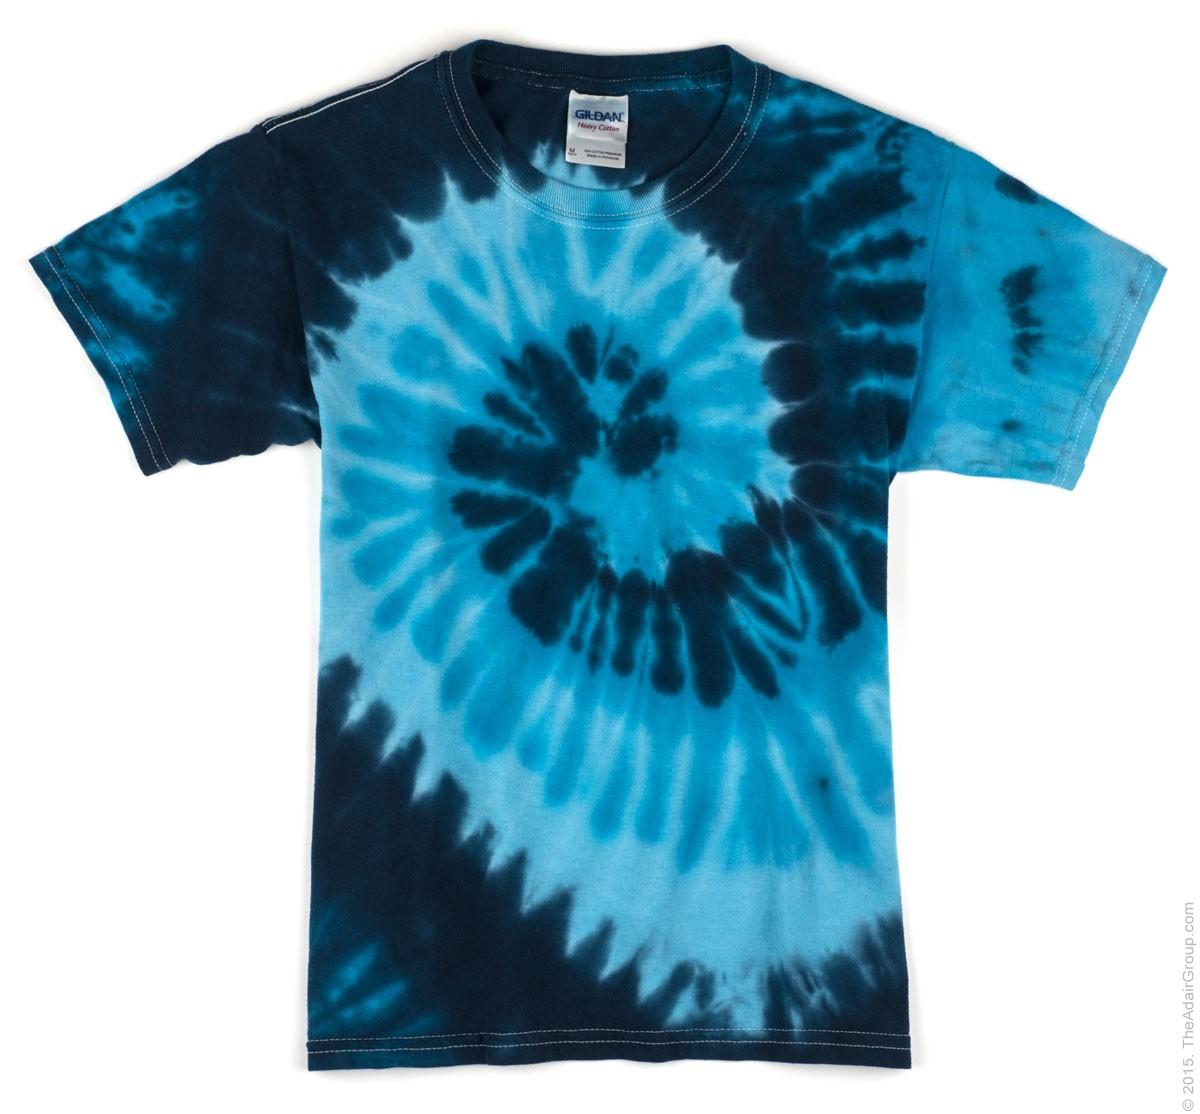 Amazoncom Ragstock Tie Dye TShirt Clothing